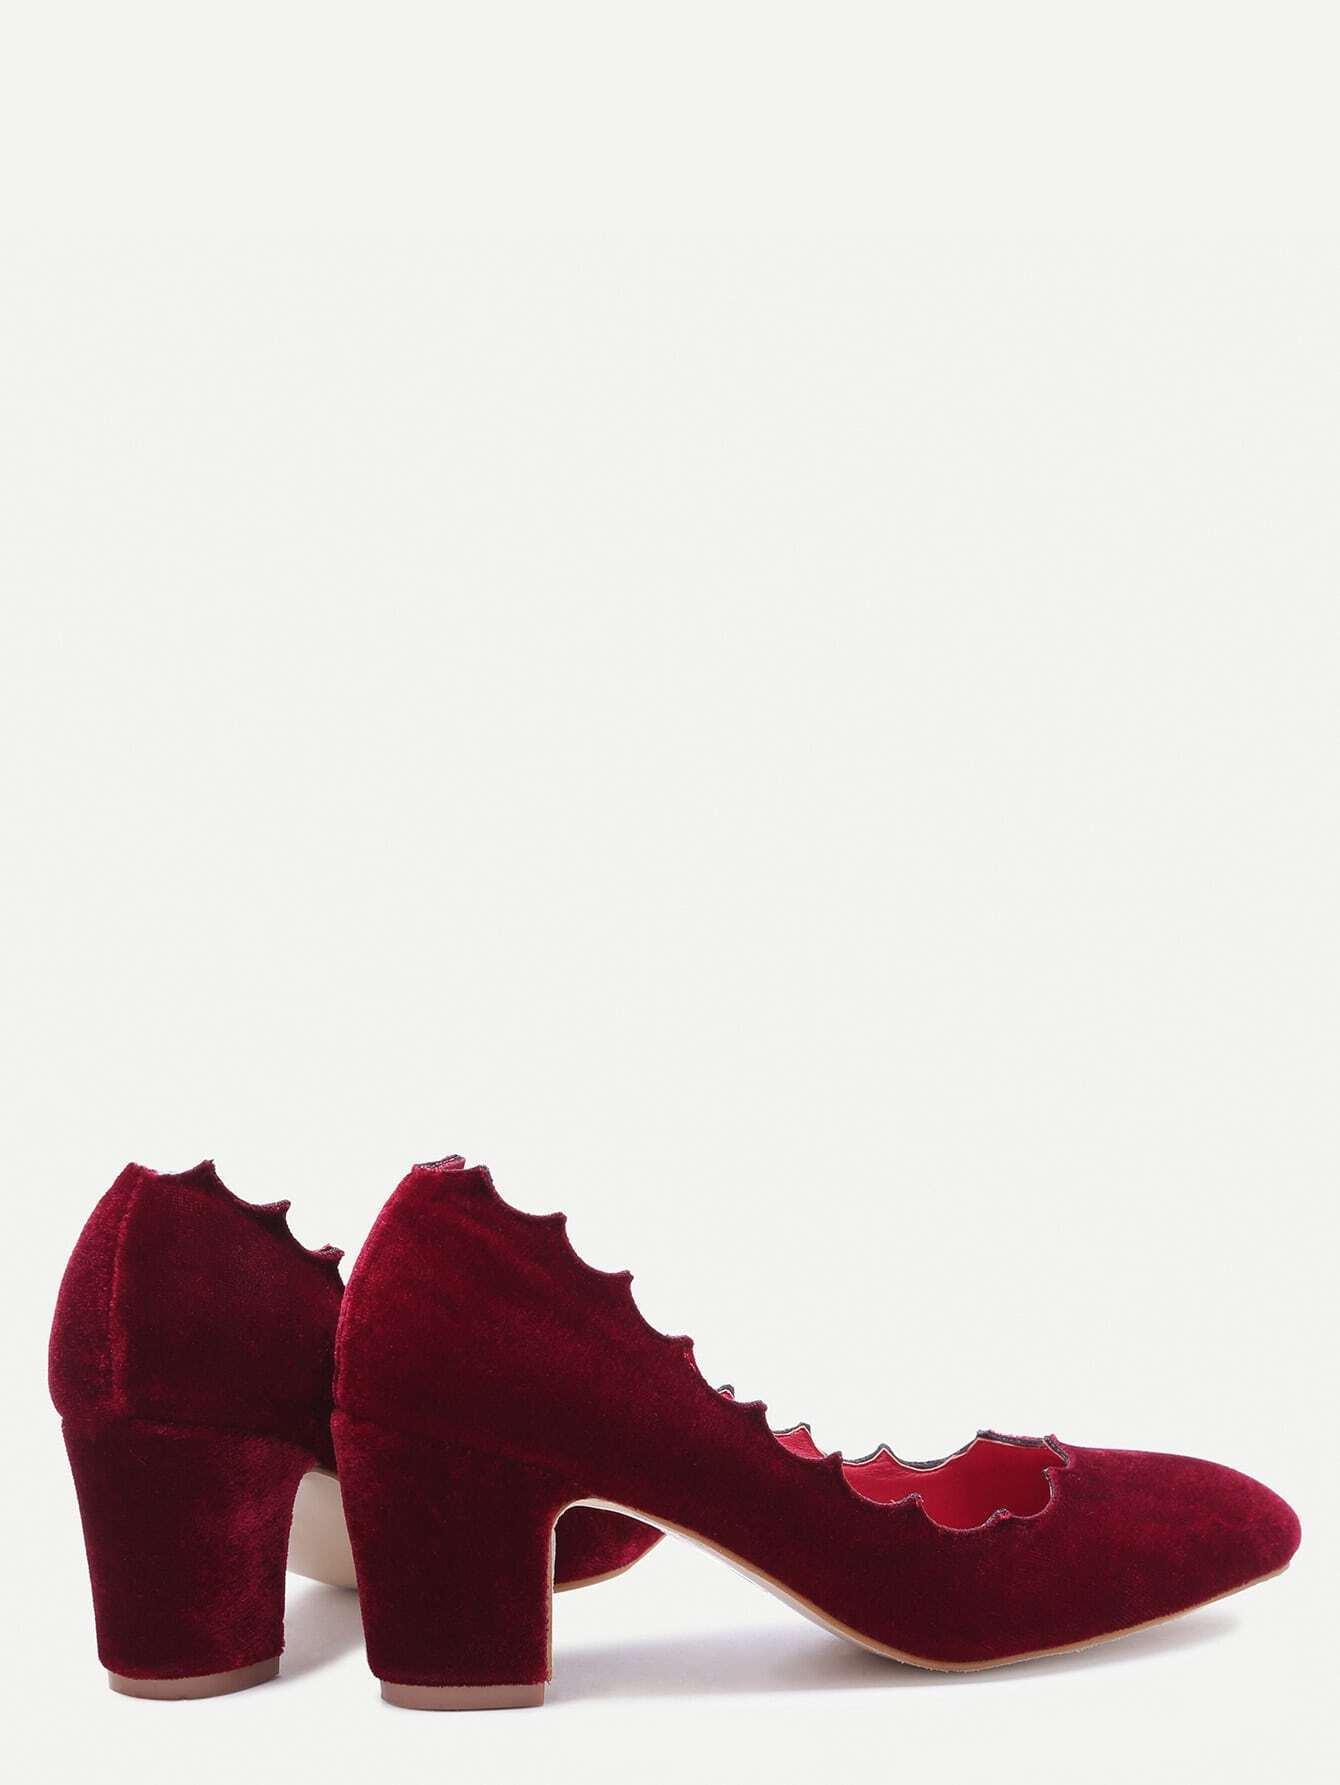 shoes161026803_2